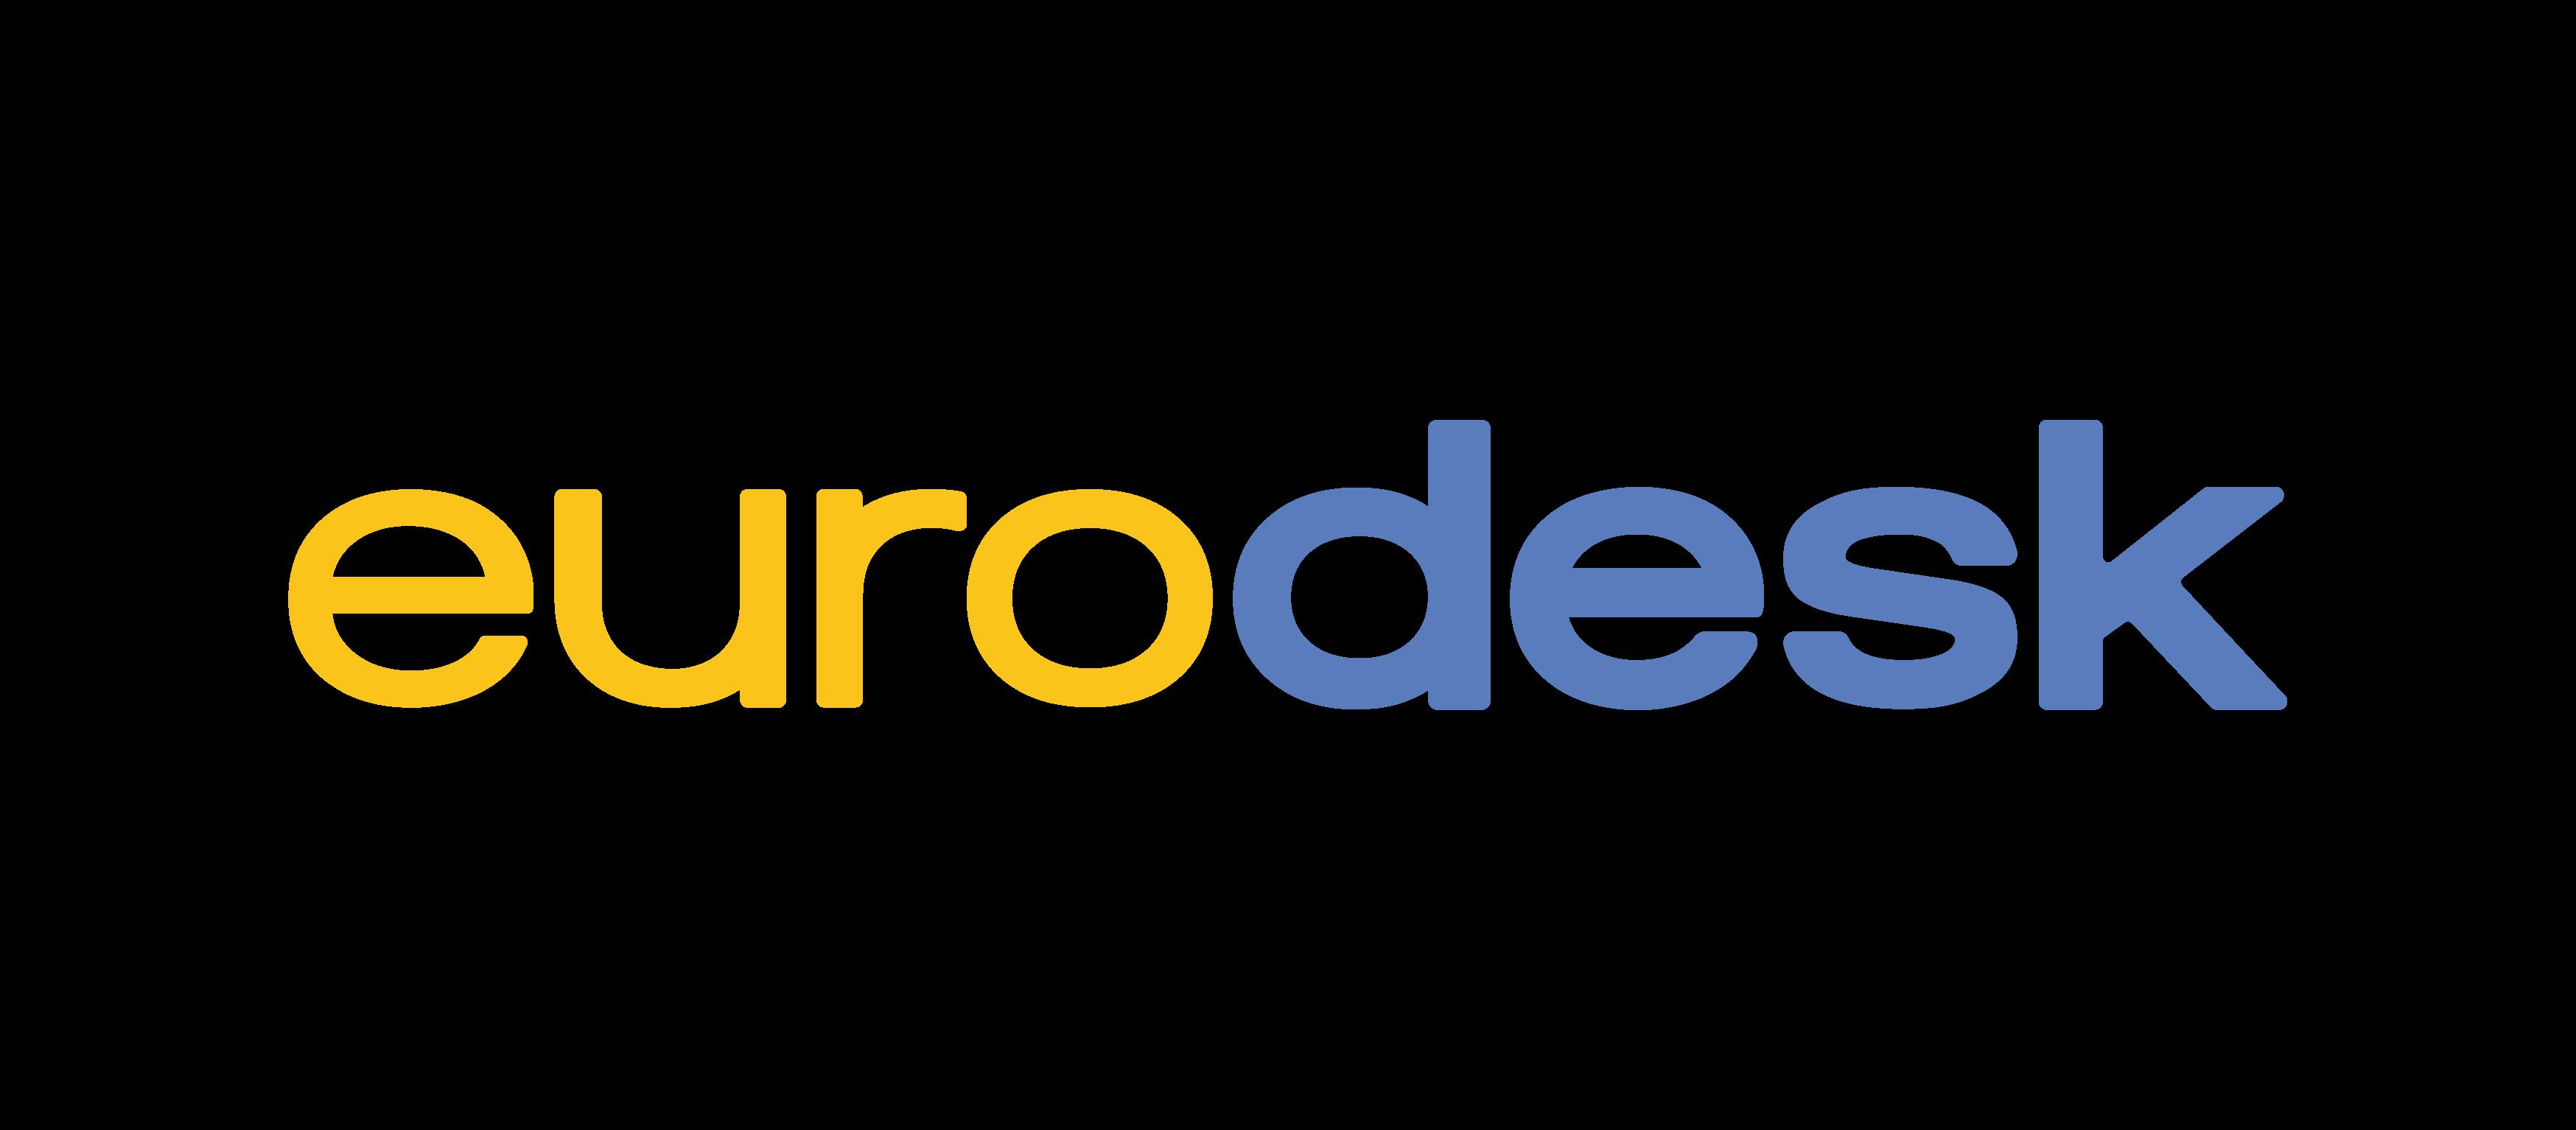 Eurodesk - Il punto di incontro dei giovani con l'Europa